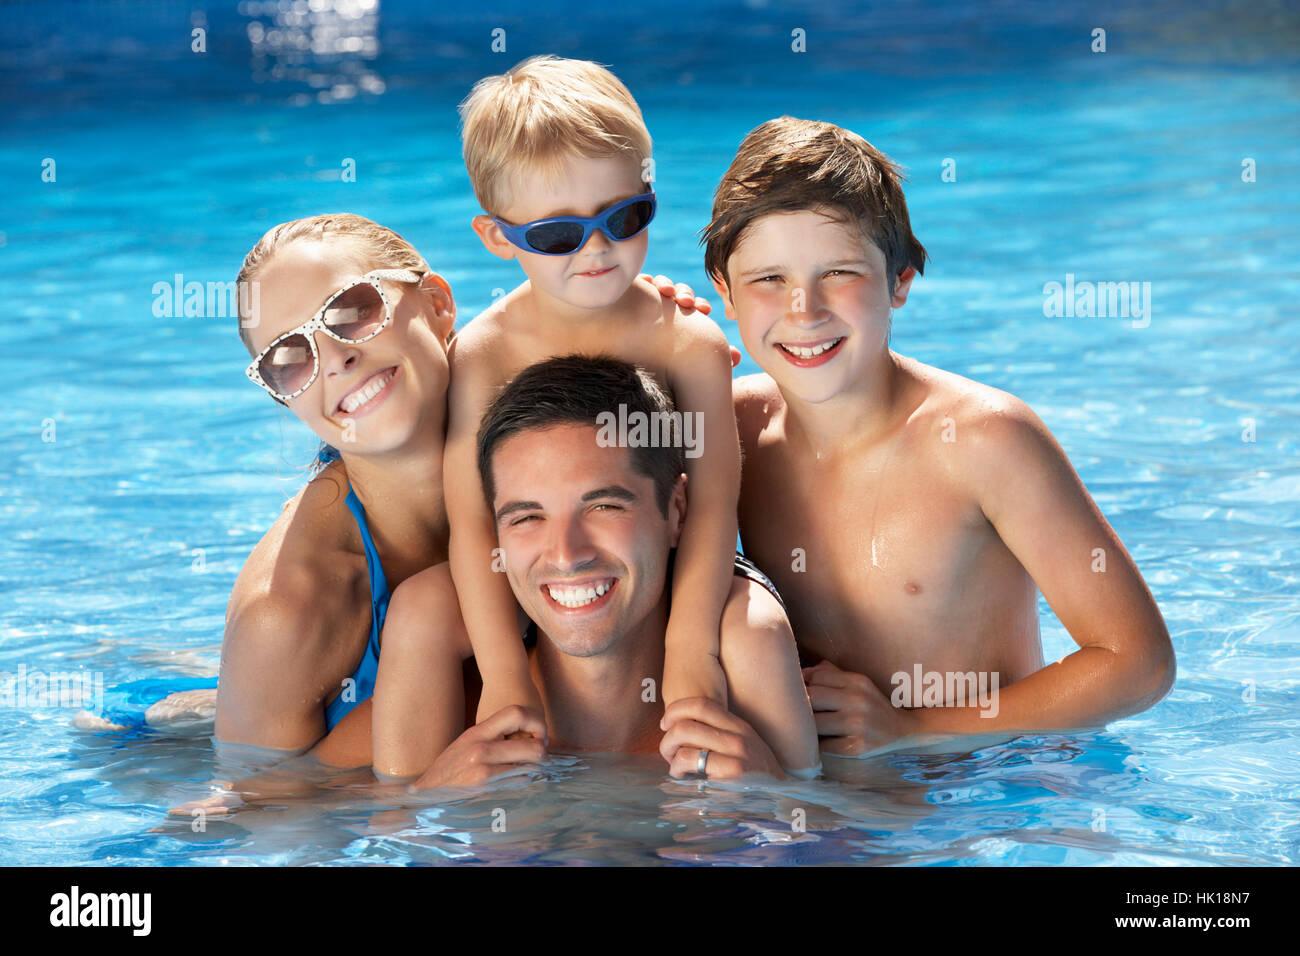 Family Having Fun In Swimming Pool Stock Photo